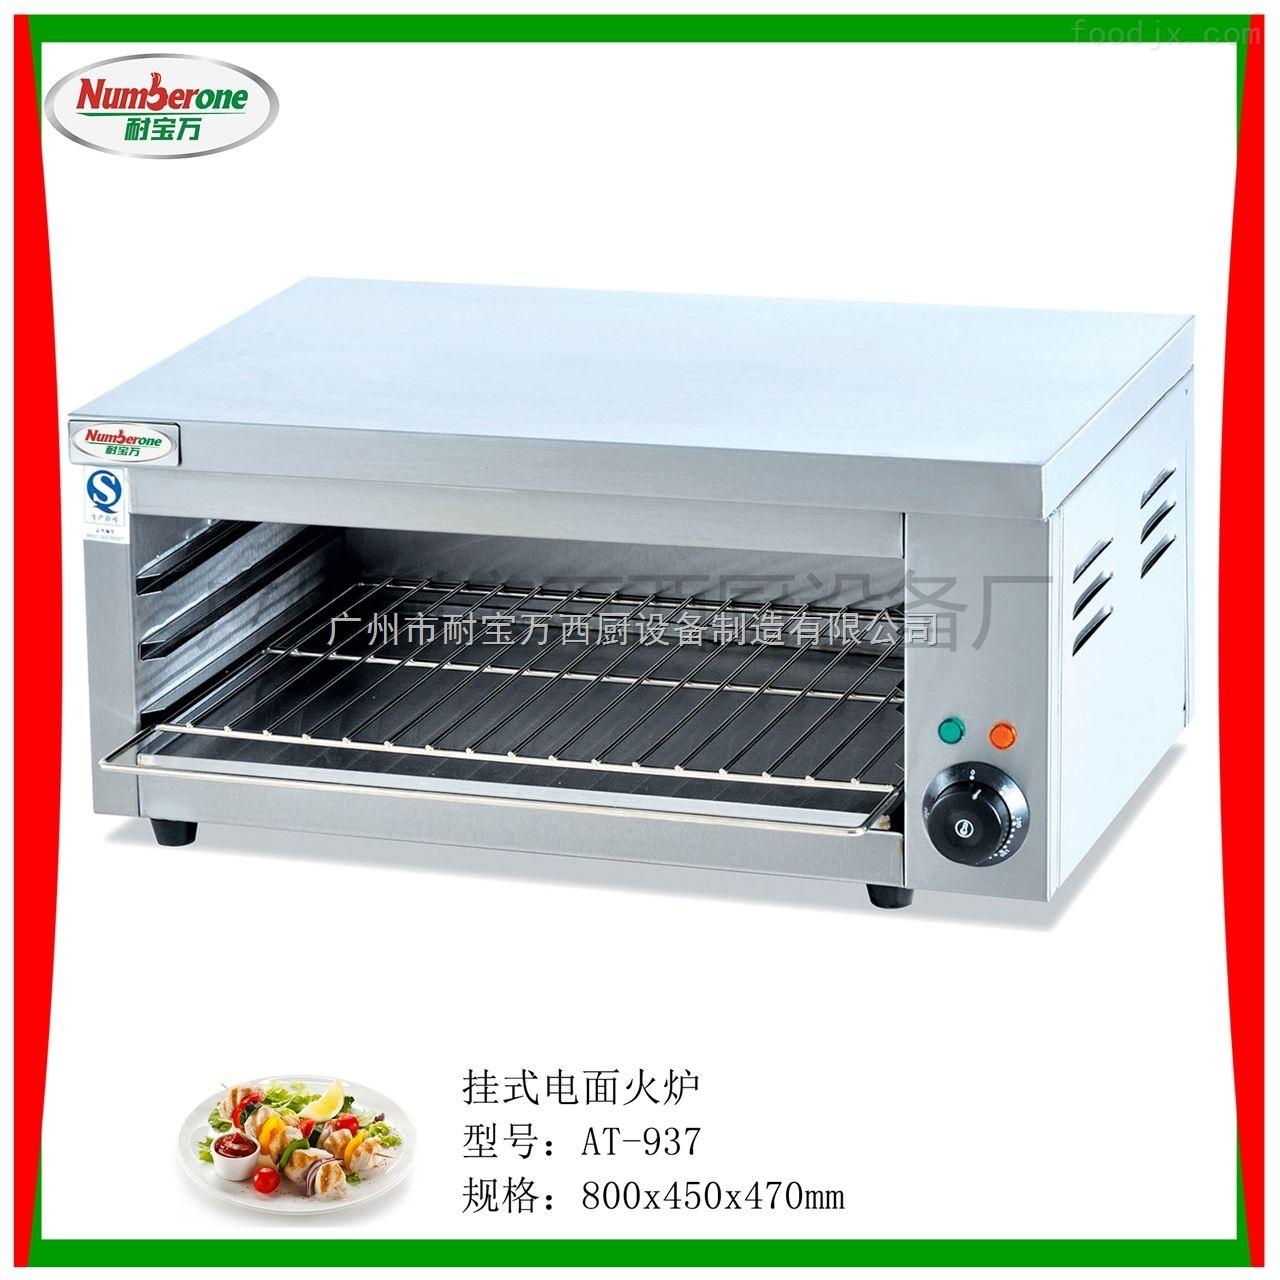 挂式电面火炉/烧烤炉/厨房烧烤炉/电扒炉